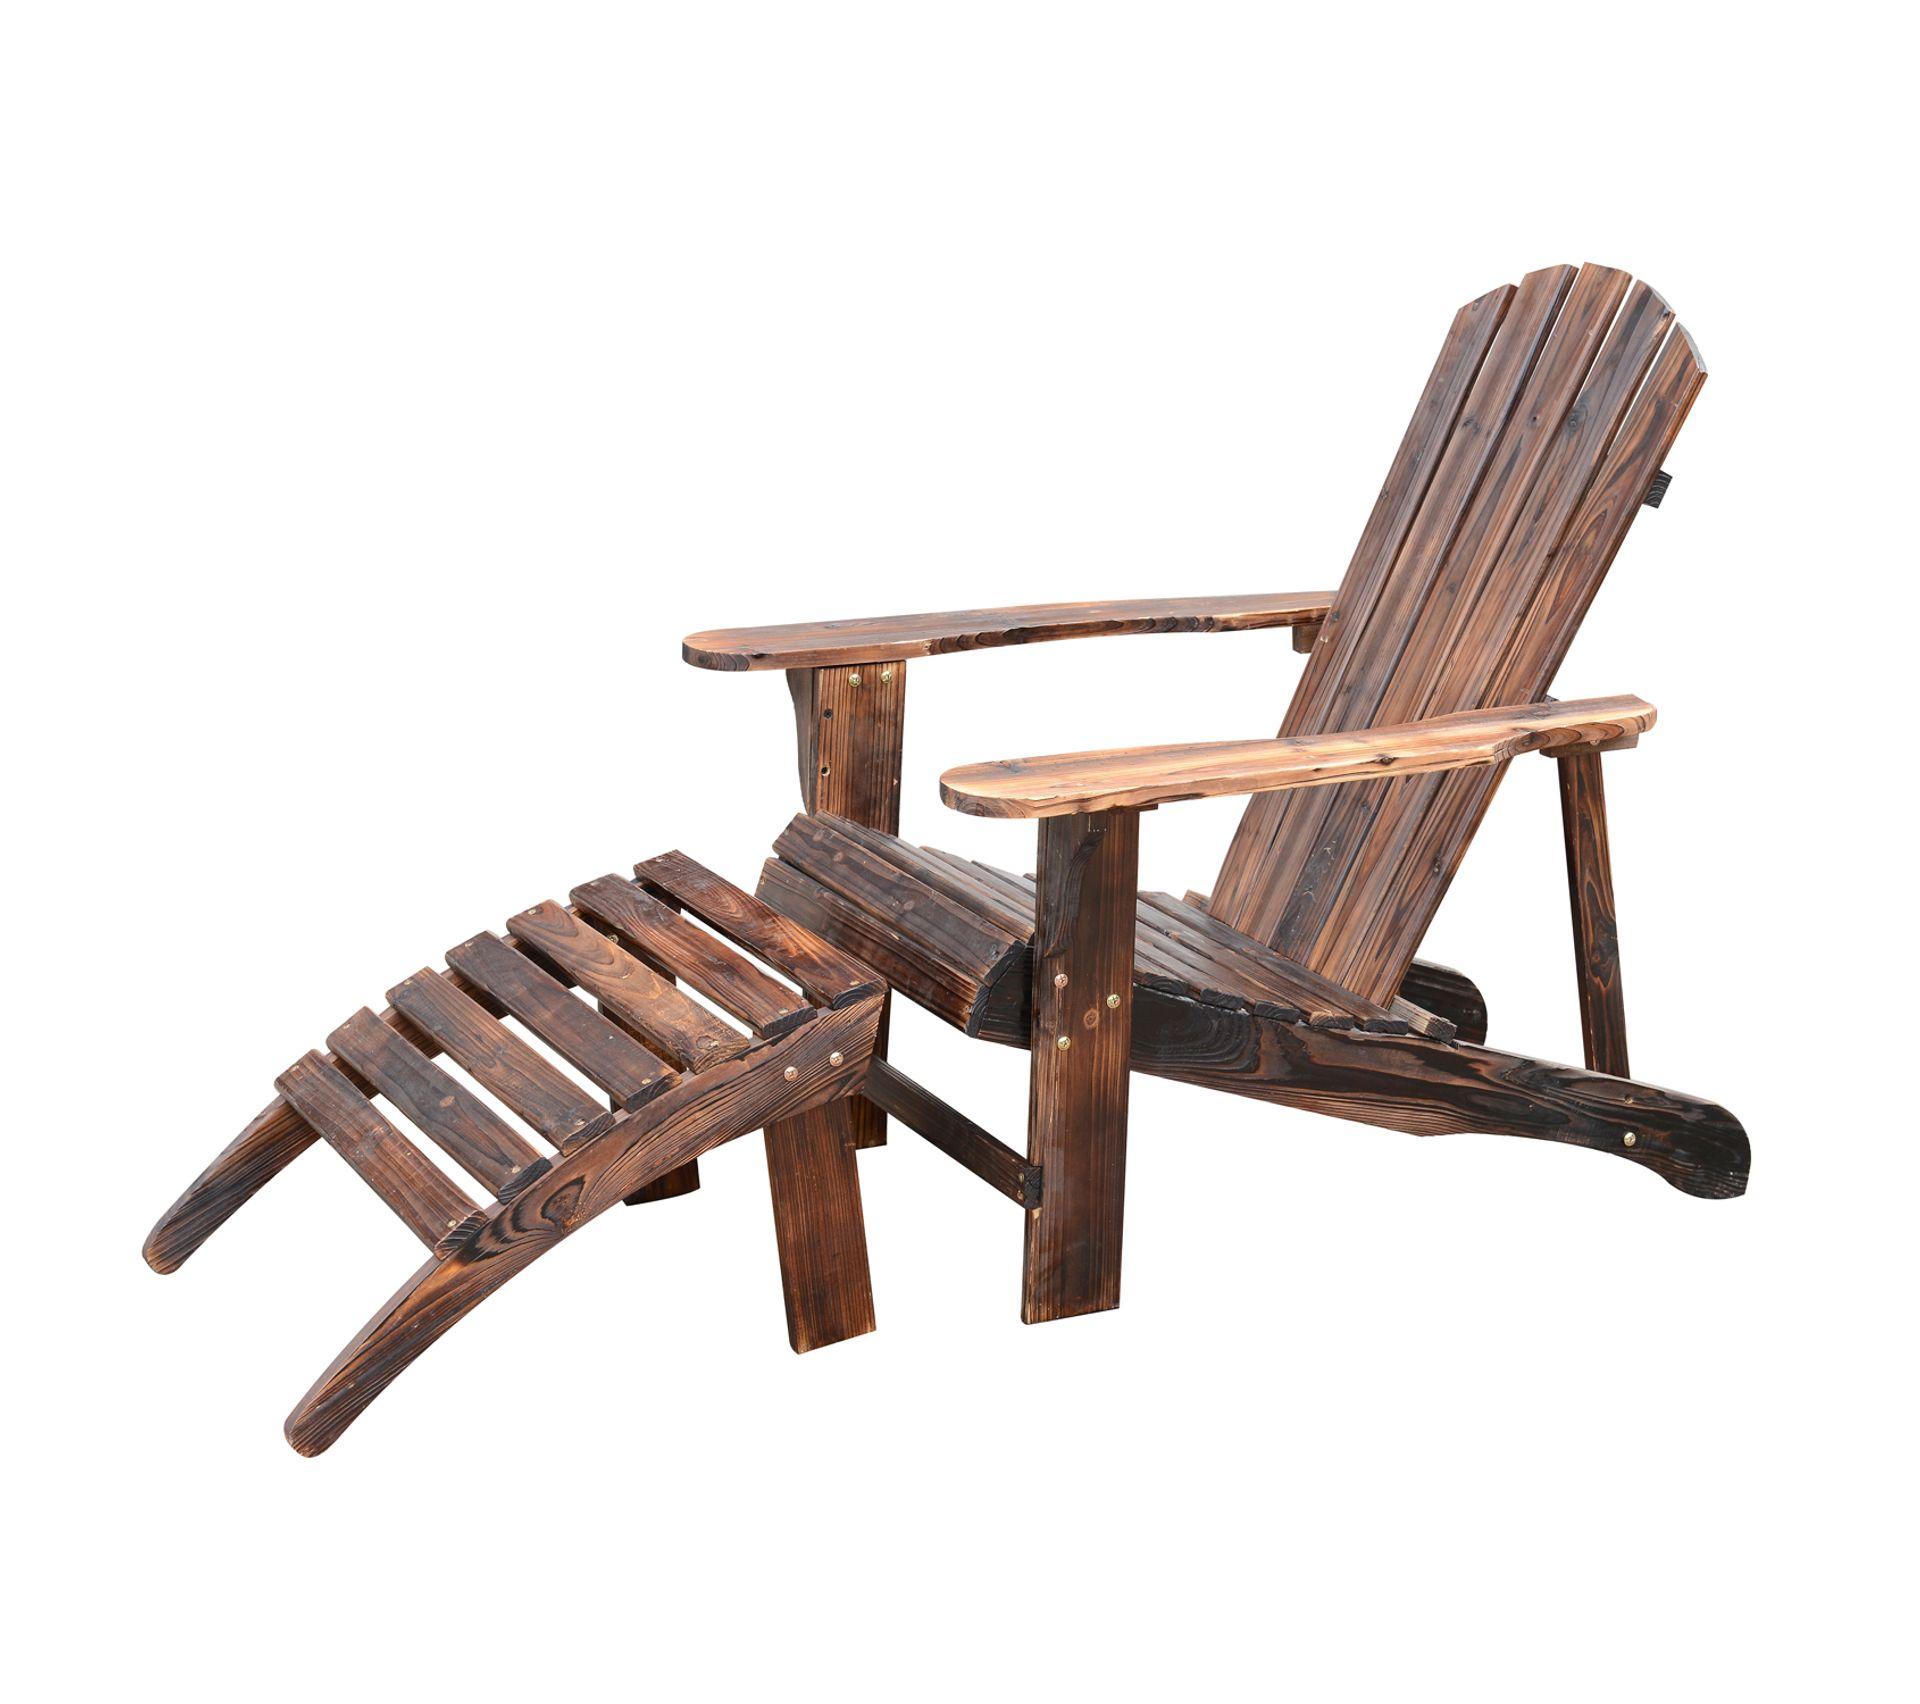 Coussin Pour Fauteuil Adirondack fauteuil de jardin adirondack chaise longue chaise plage avec tabouret bois  de pin